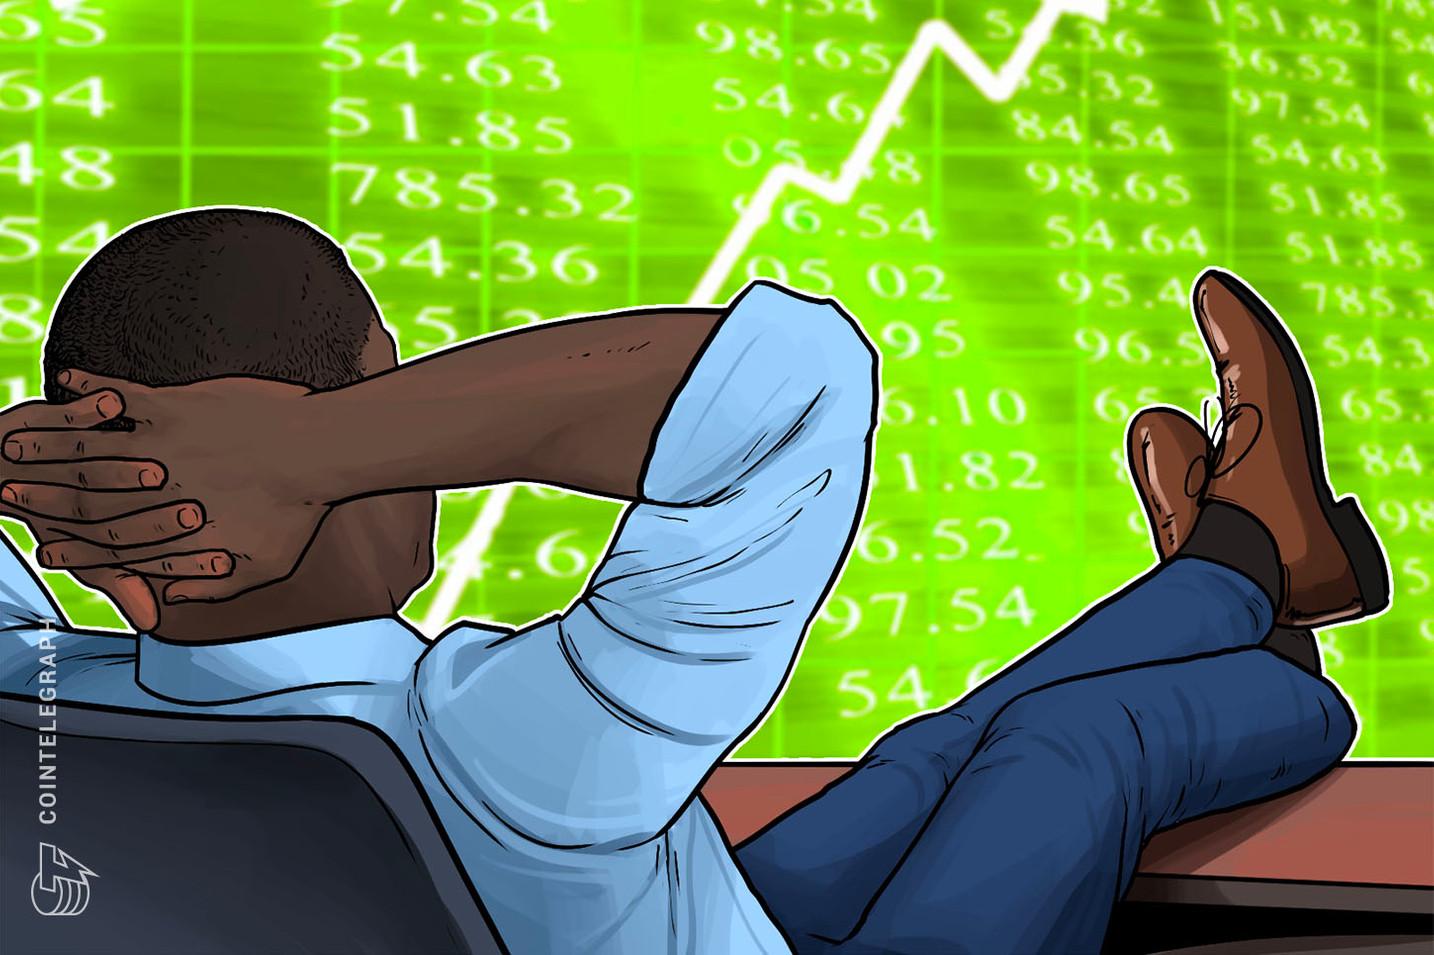 Mercati in verde, capitalizzazione complessiva di mercato superiore ai 400 miliardi di dollari